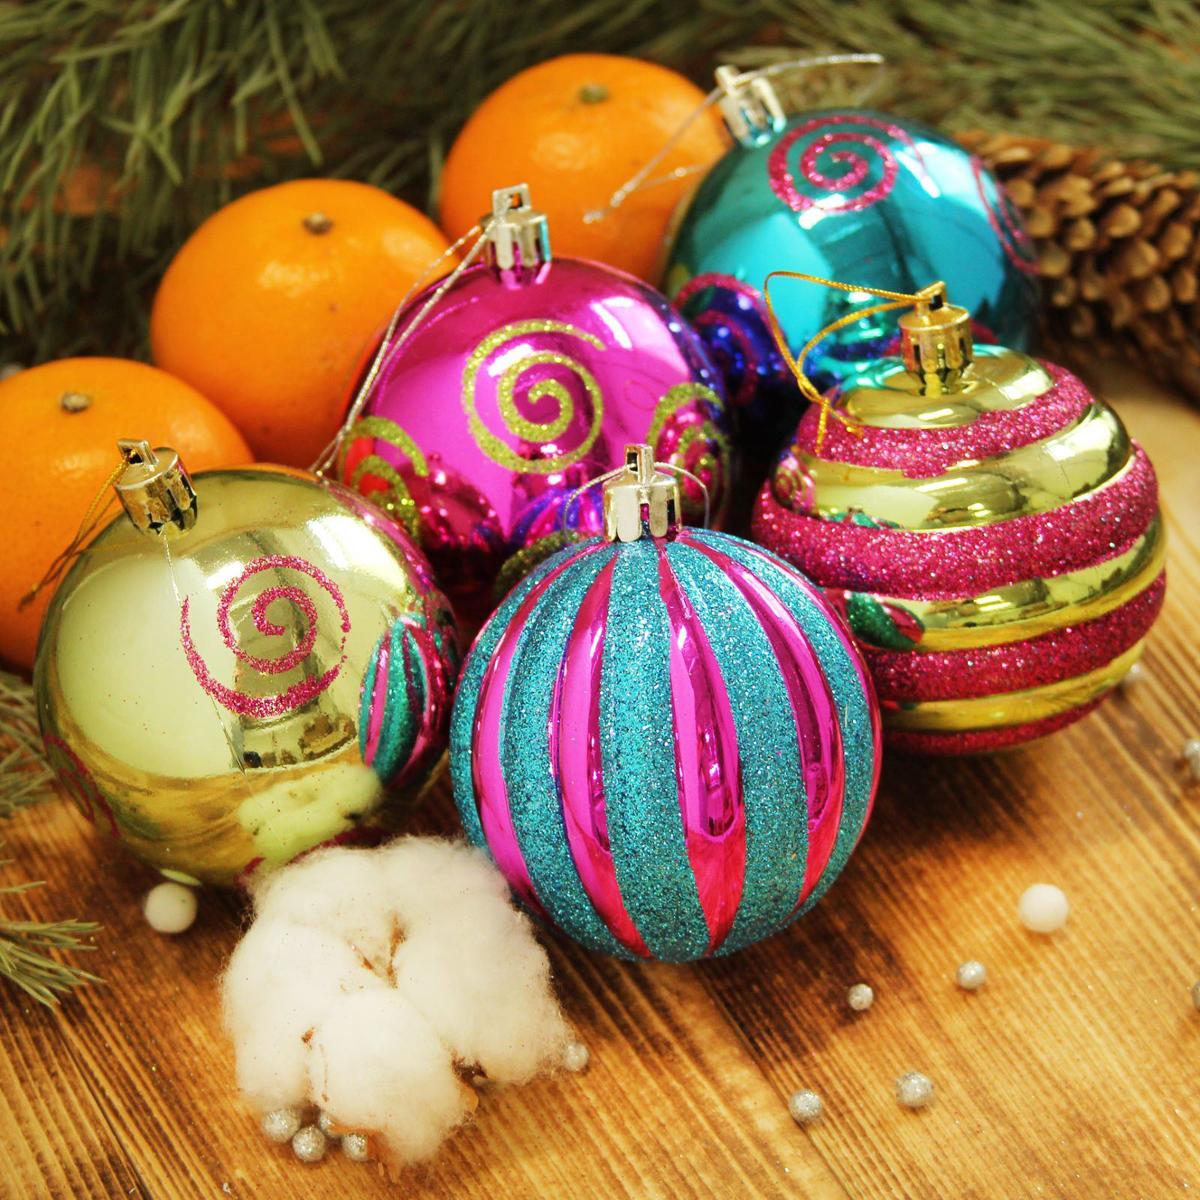 Набор новогодних подвесных украшений Sima-land Веселое ассорти, диаметр 7 см, 5 шт2122991Набор новогодних подвесных украшений Sima-land отлично подойдет для декорации вашего дома и новогодней ели. С помощью специальной петельки украшение можно повесить в любом понравившемся вам месте. Но, конечно, удачнее всего оно будет смотреться на праздничной елке. Елочная игрушка - символ Нового года. Она несет в себе волшебство и красоту праздника. Создайте в своем доме атмосферу веселья и радости, украшая новогоднюю елку нарядными игрушками, которые будут из года в год накапливать теплоту воспоминаний.